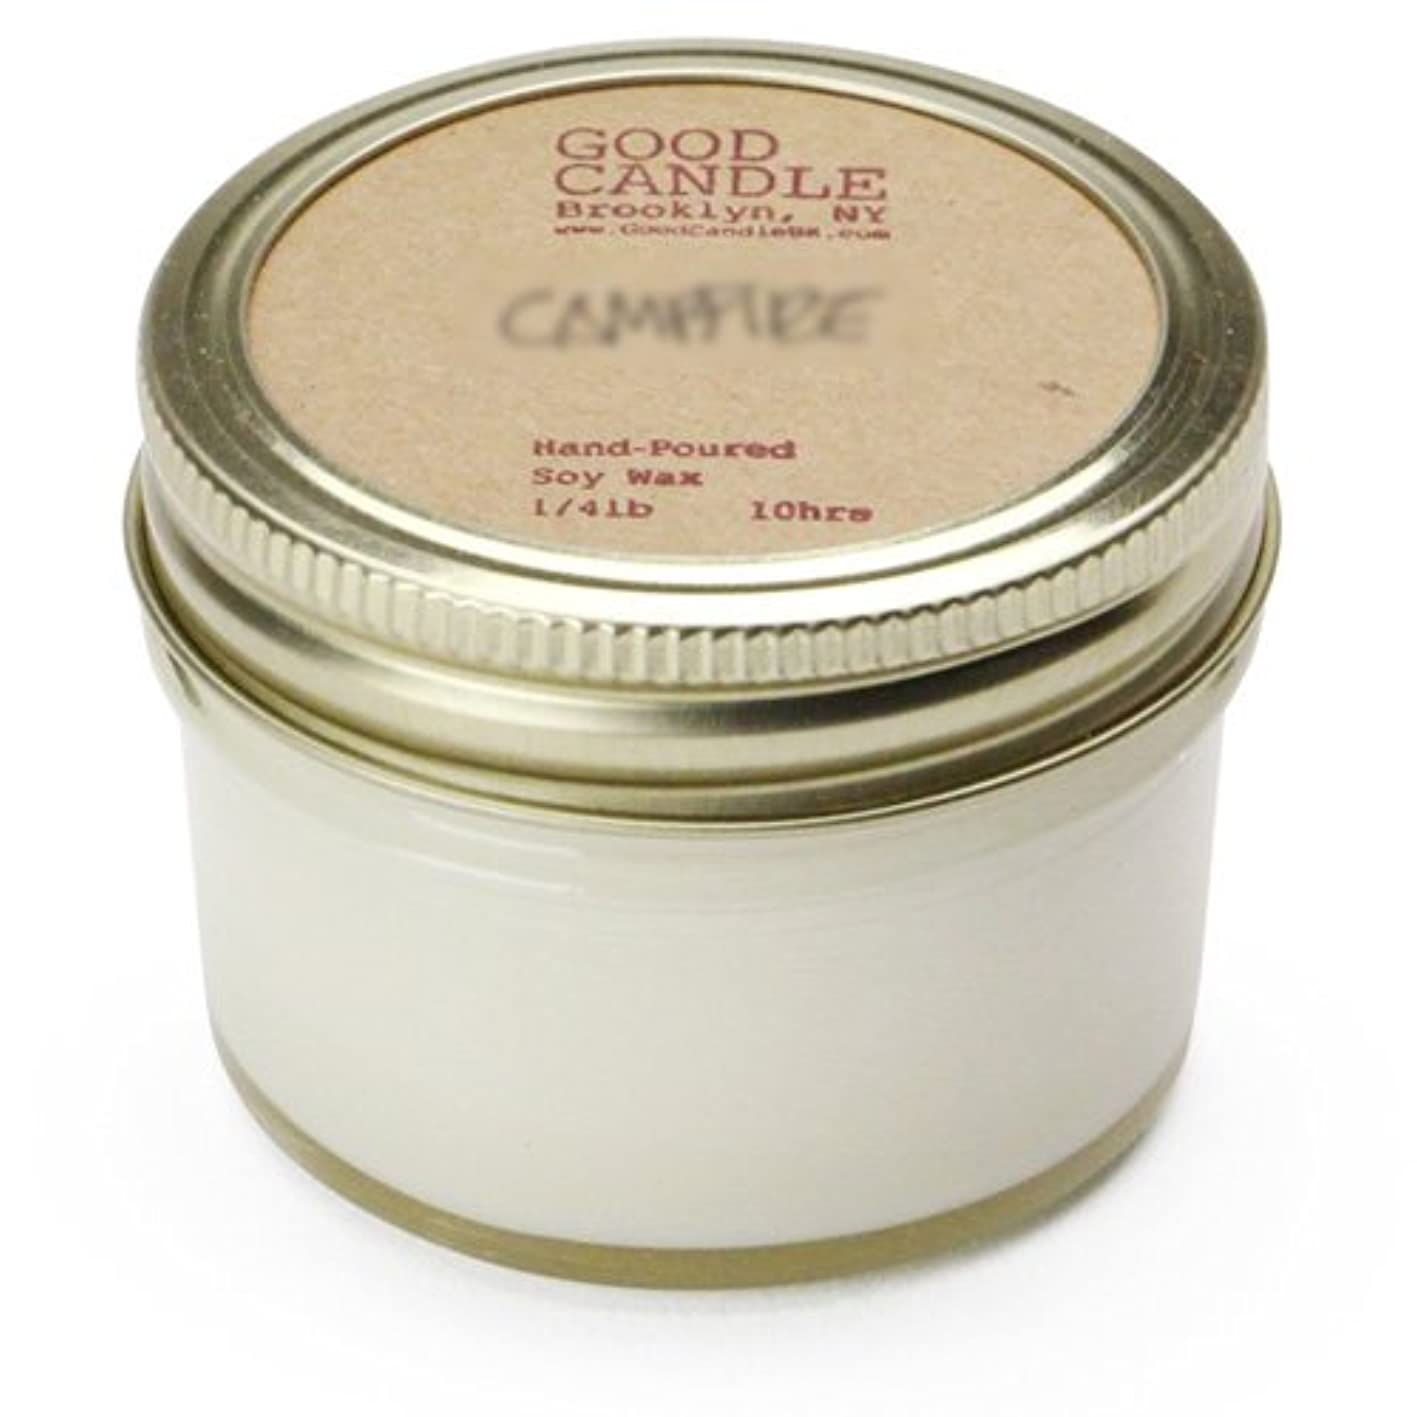 カメラ非常に怒っていますめんどりグッドキャンドル 1/4ポンド ゼリージャー キャンドル Good Candle 1/4LB Jelly jar candle [ Wash board ] 正規品